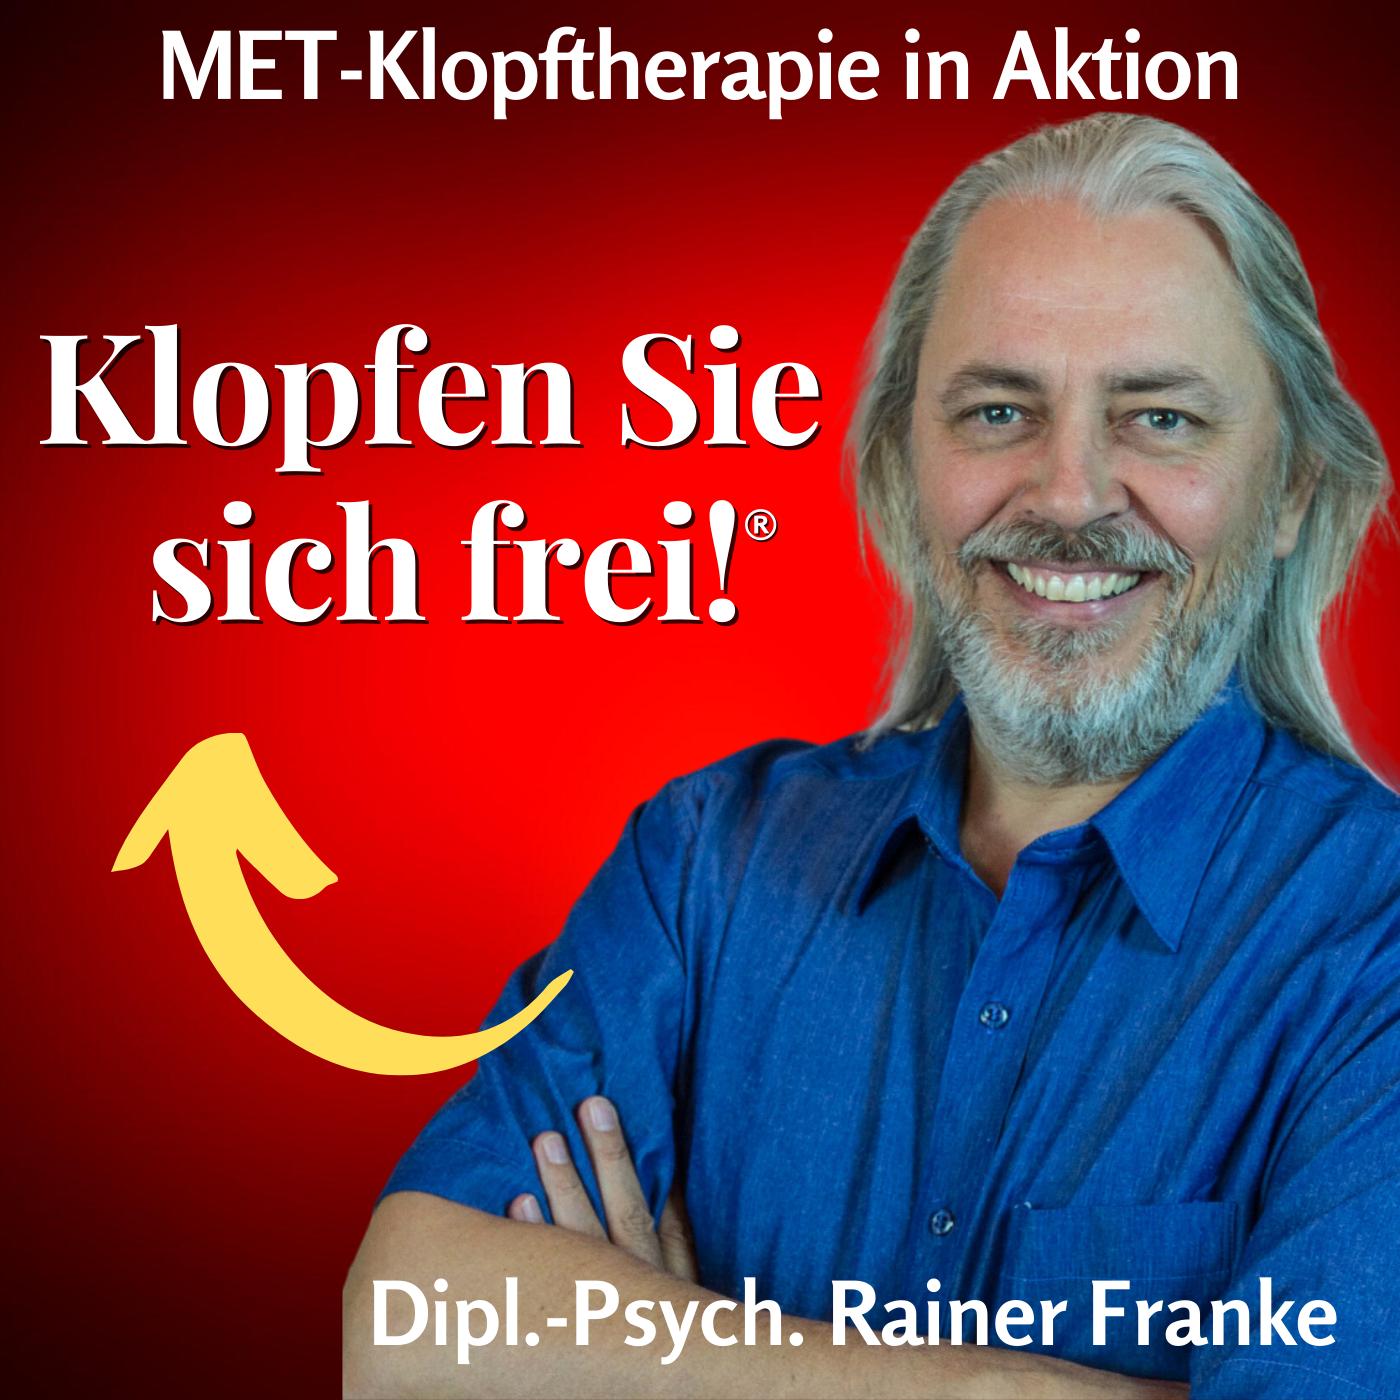 Klopfen Sie sich frei Podcast mit Dipl.-Psych. Rainer Franke   MET-Klopftherapie in Aktion